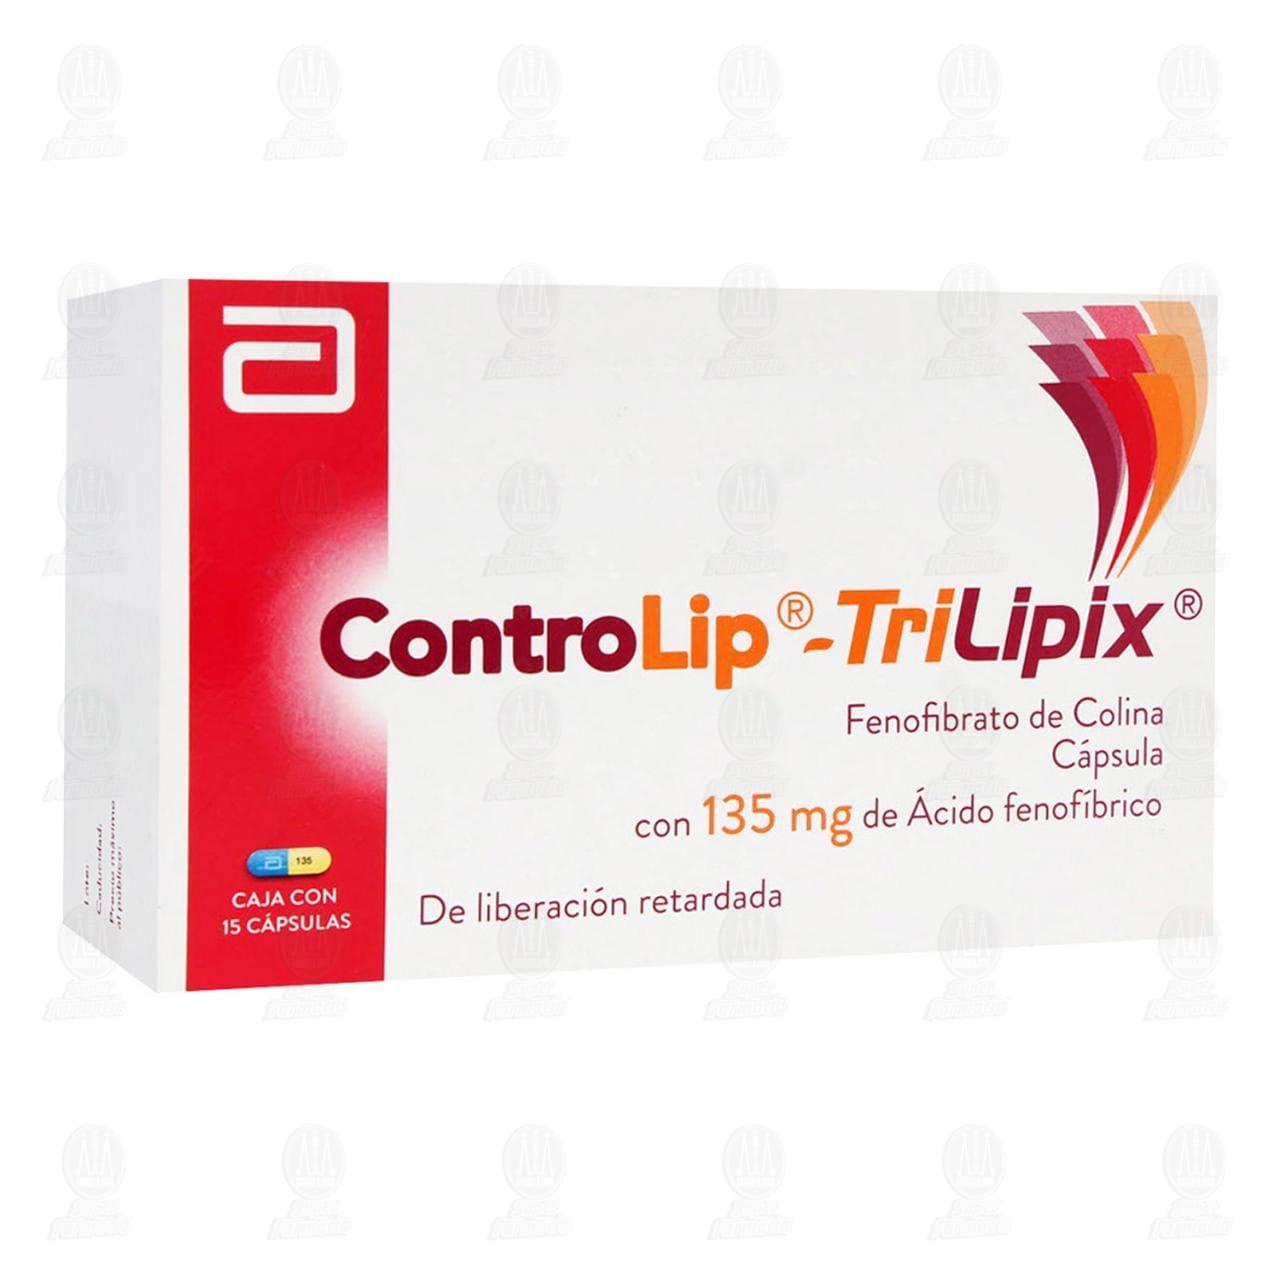 comprar https://www.movil.farmaciasguadalajara.com/wcsstore/FGCAS/wcs/products/1225090_A_1280_AL.jpg en farmacias guadalajara